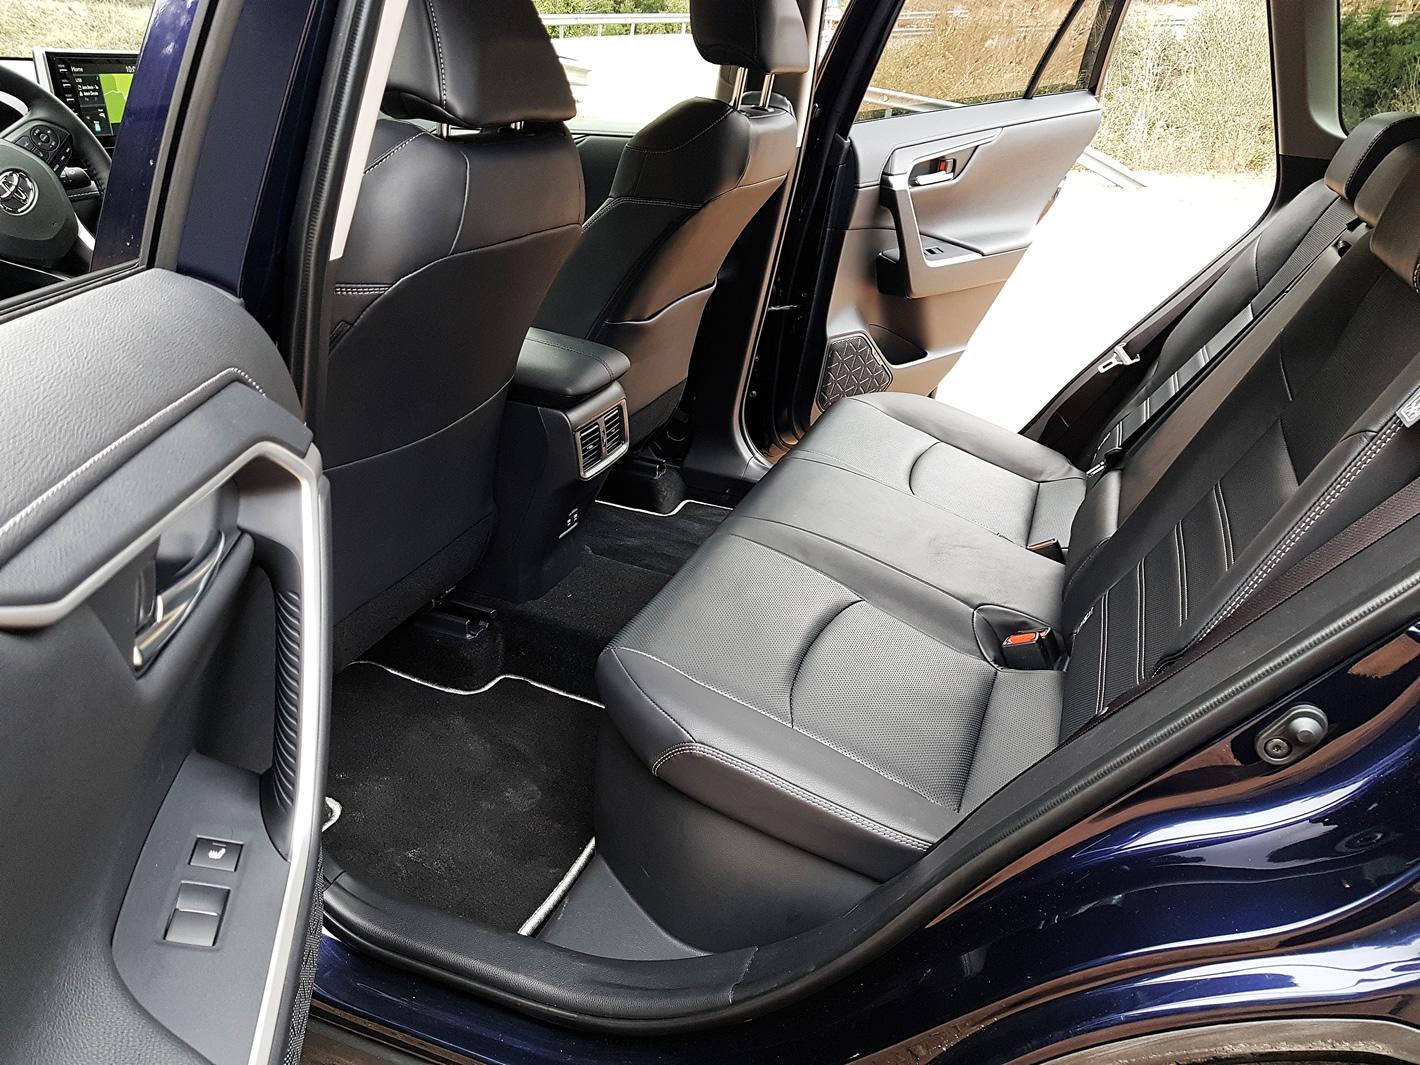 Toyota RAV4 Hybrid 2019 - tylna kanapa